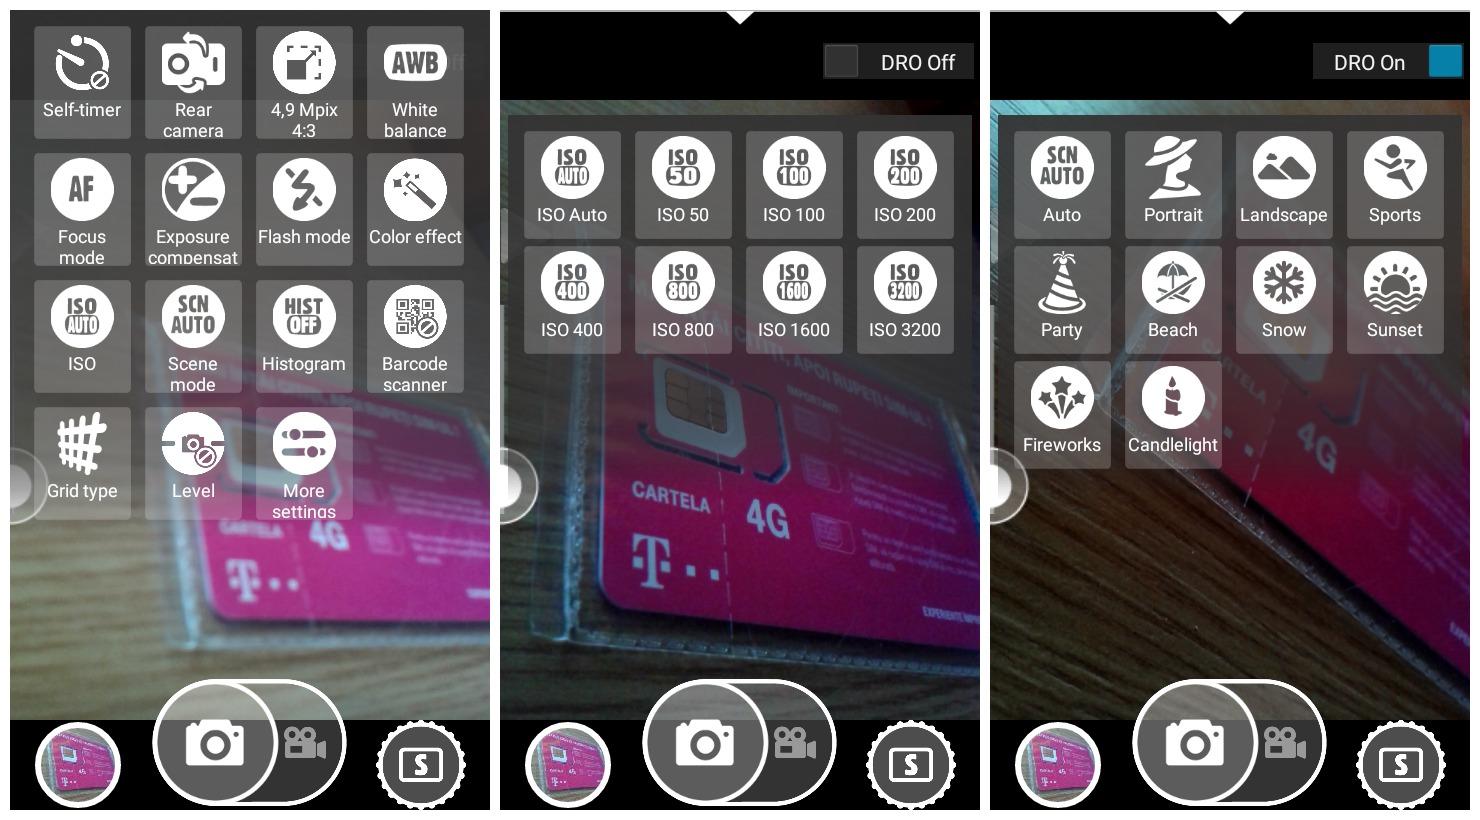 descărcare A Better Camera - o aplicatie excelenta pentru camera foto cu foarte multe functii si setari manuale